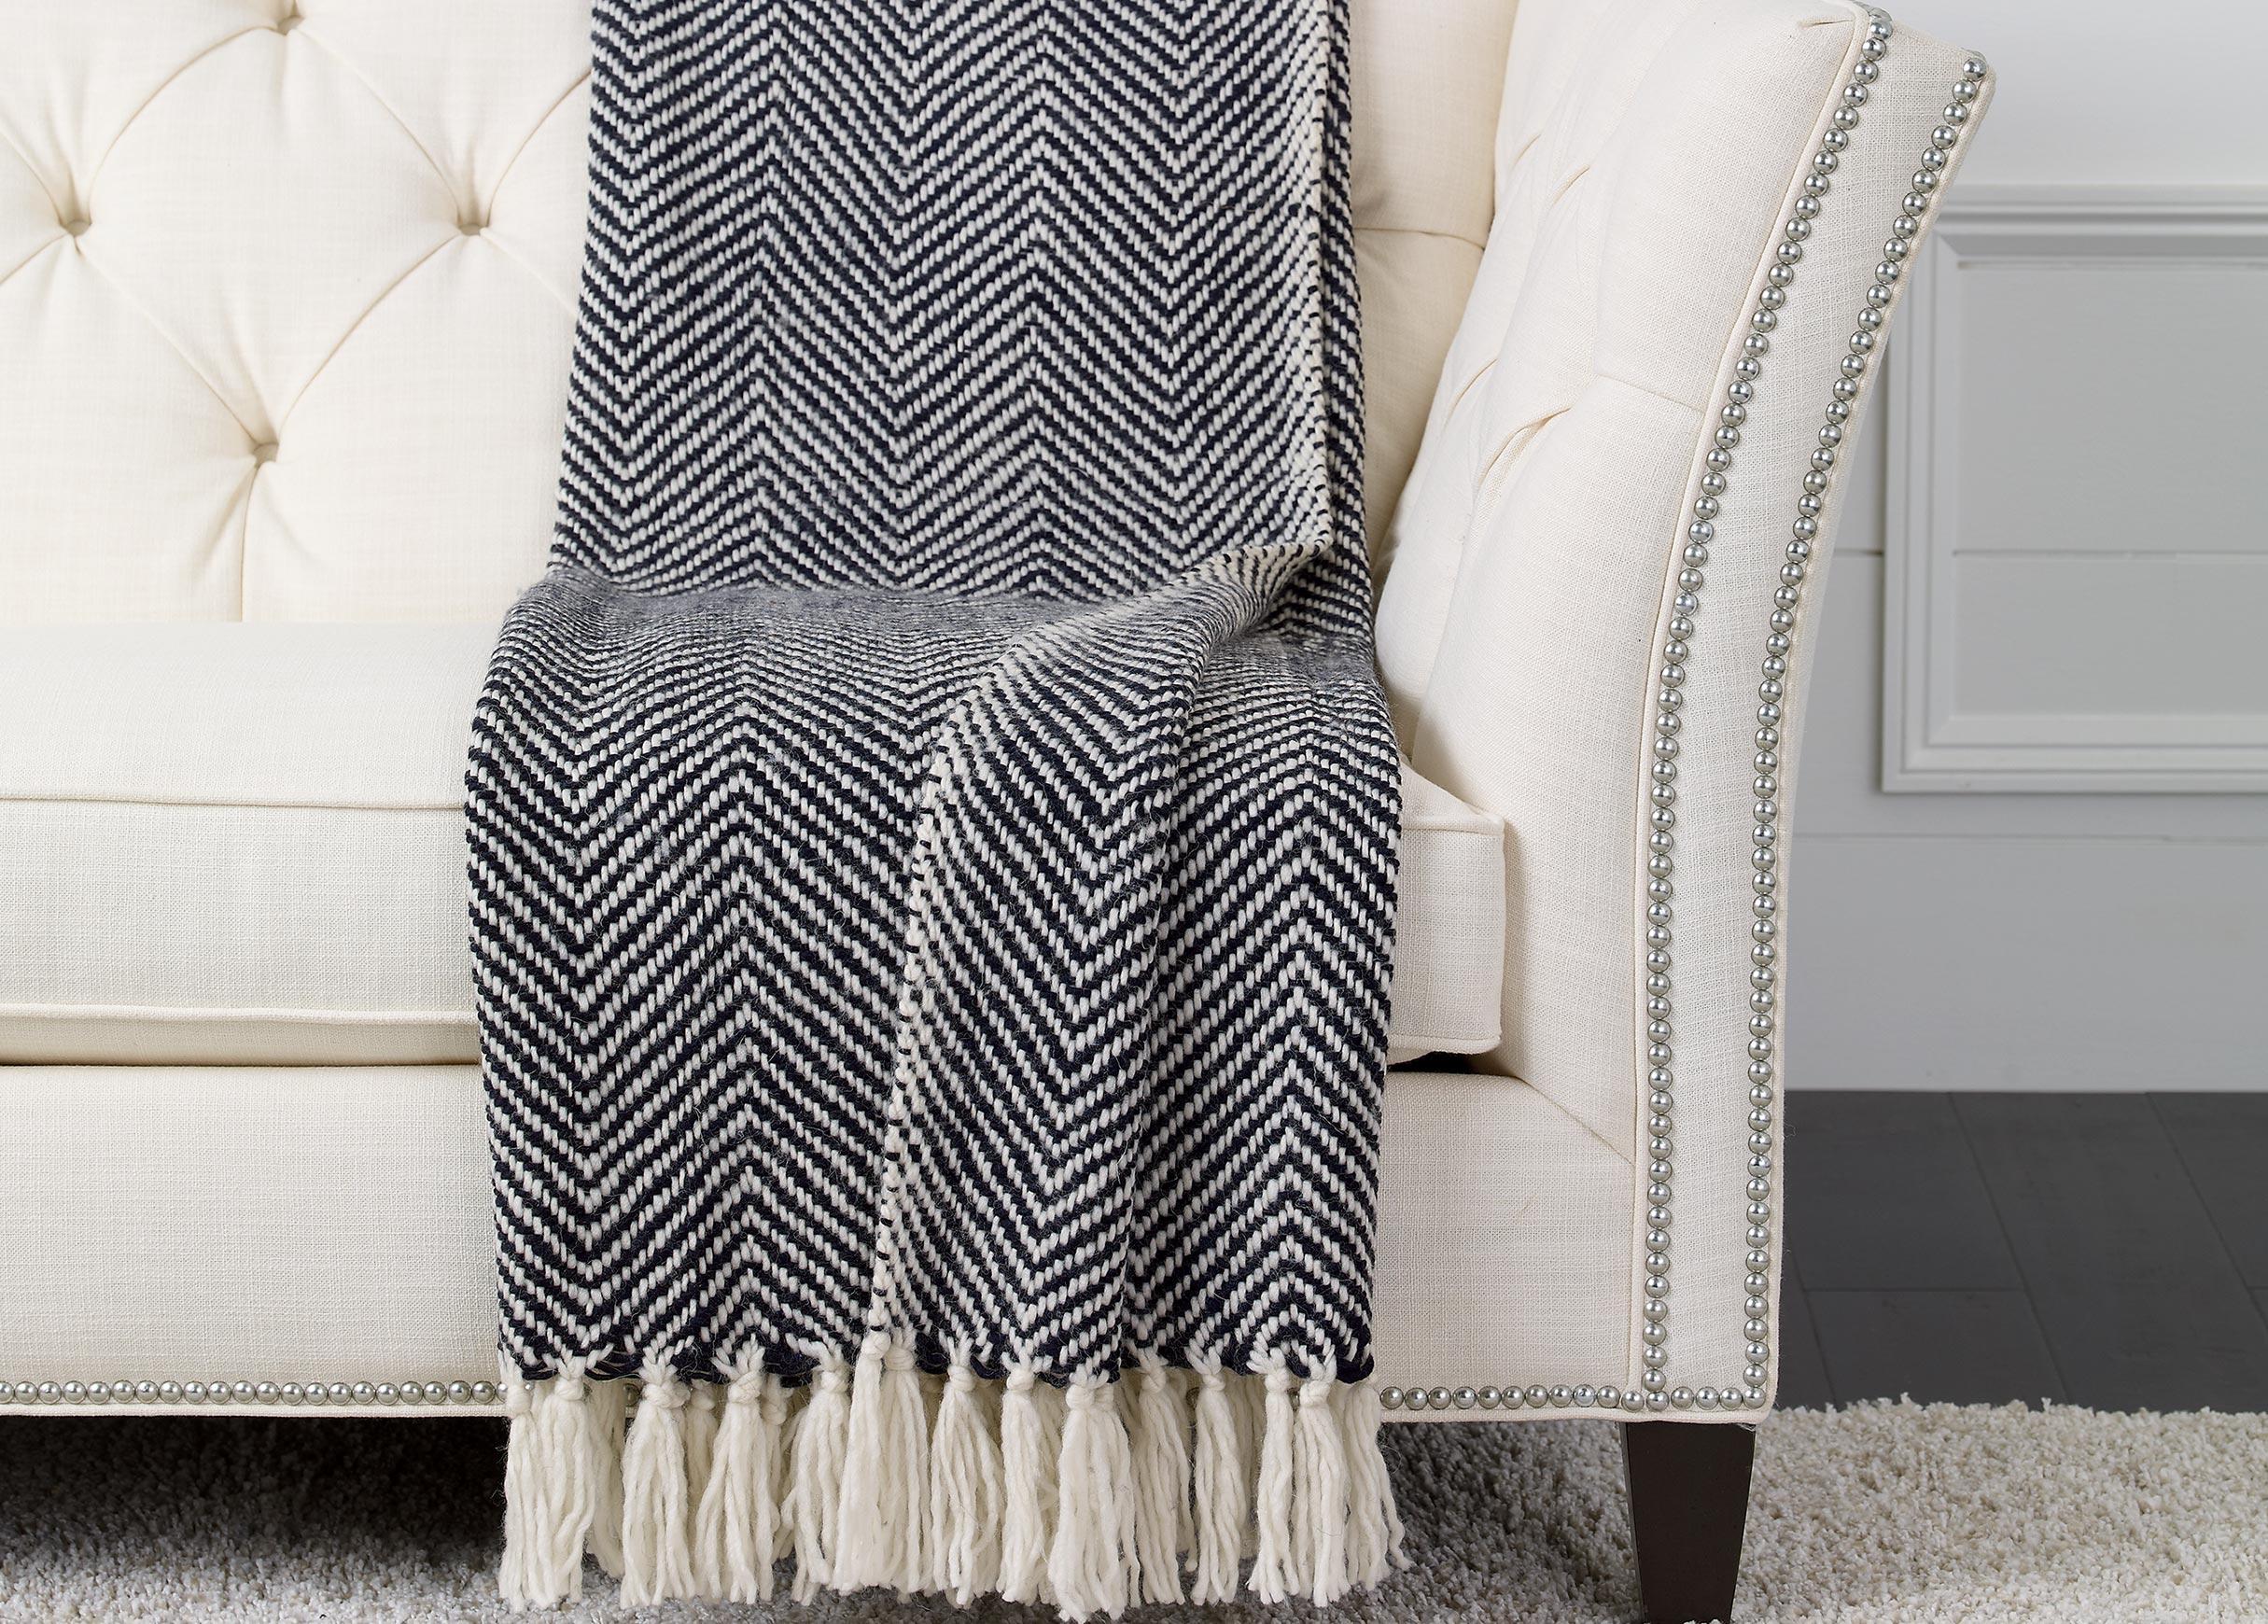 Herringbone Knit Throw Black White Throws Ethan Allen